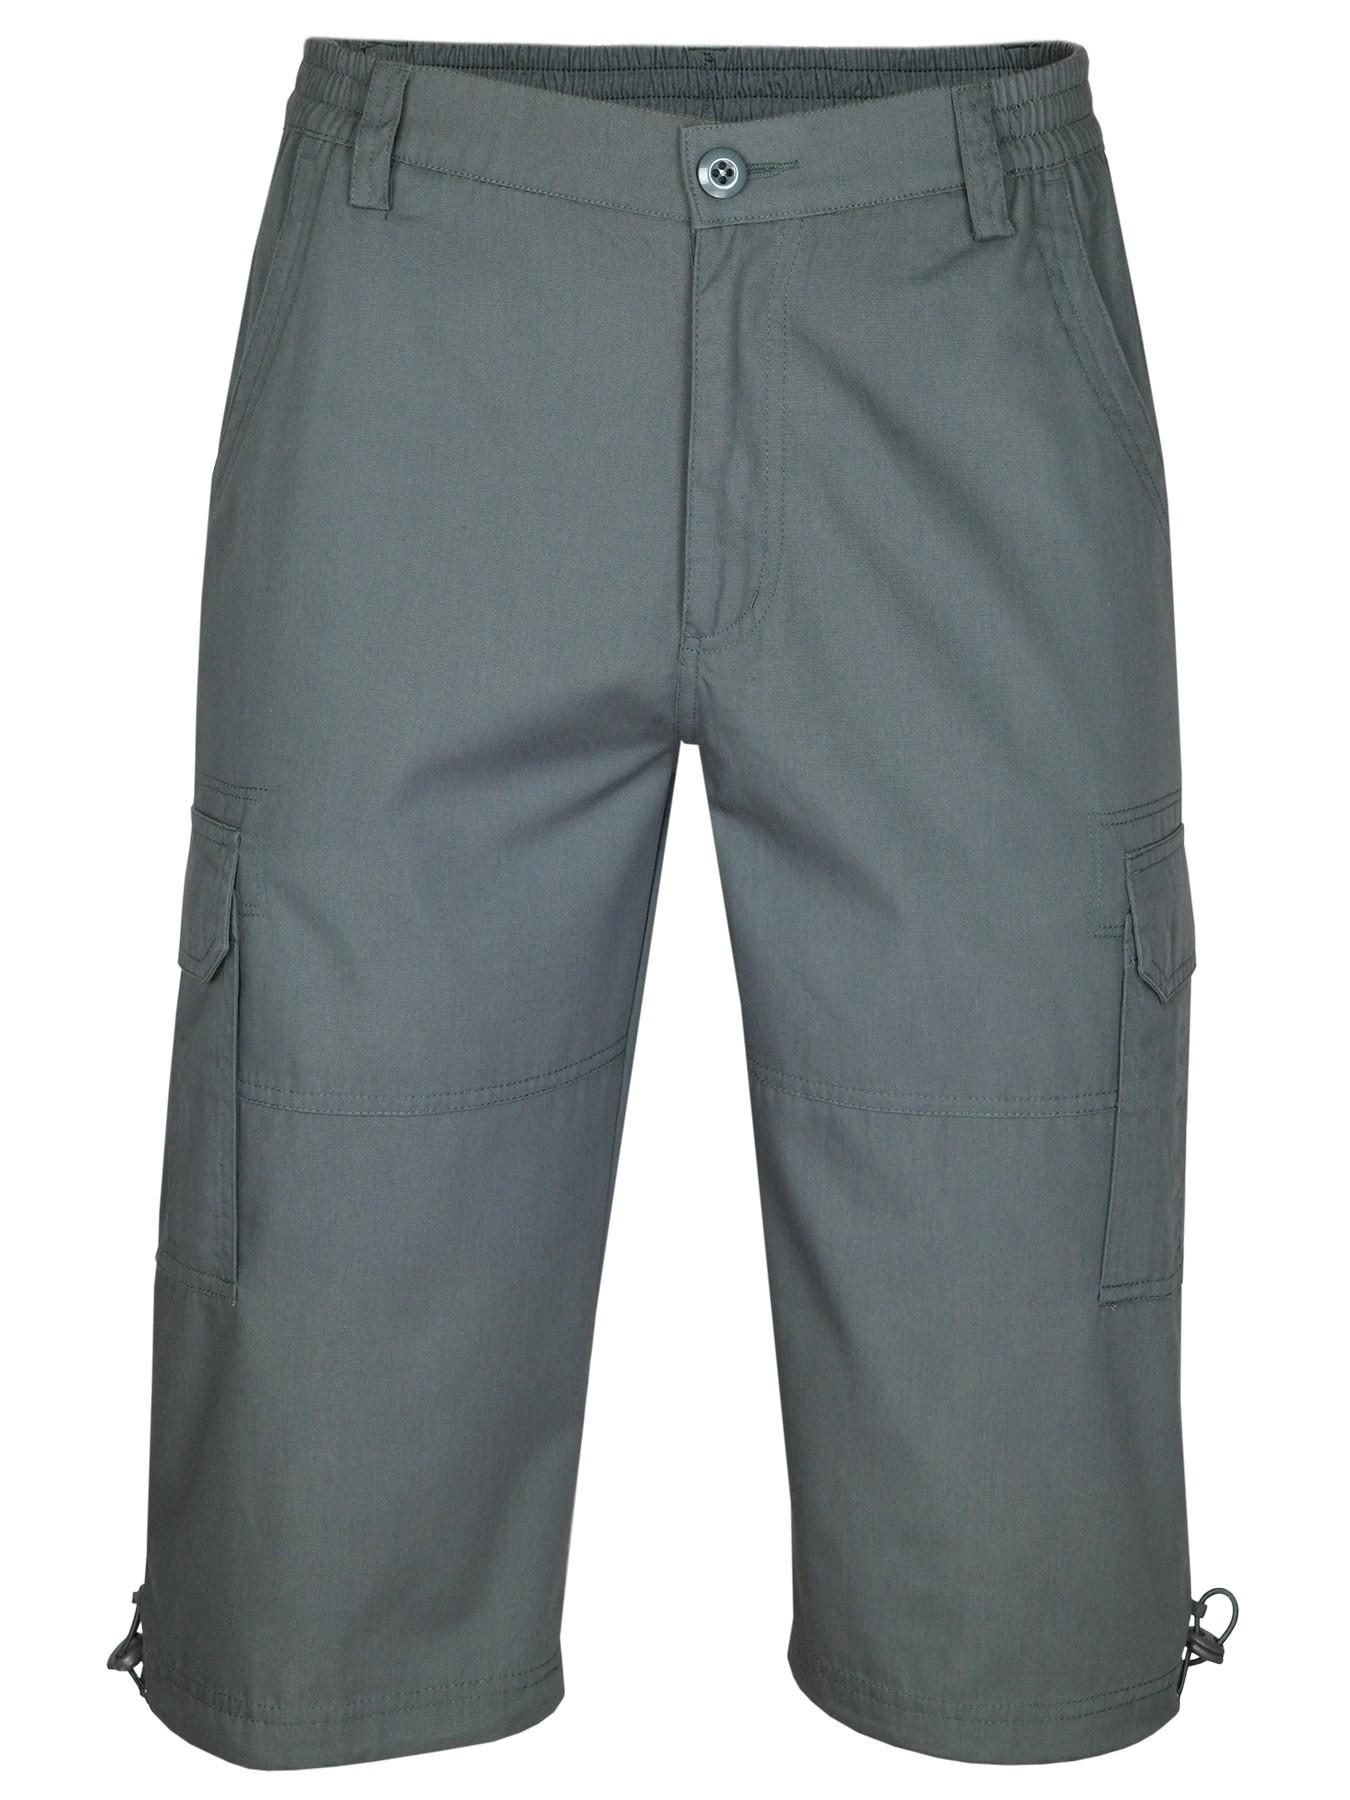 Cargo-Bermudas, Cargo Shorts, kurze Hose für Herren - Anthrazit